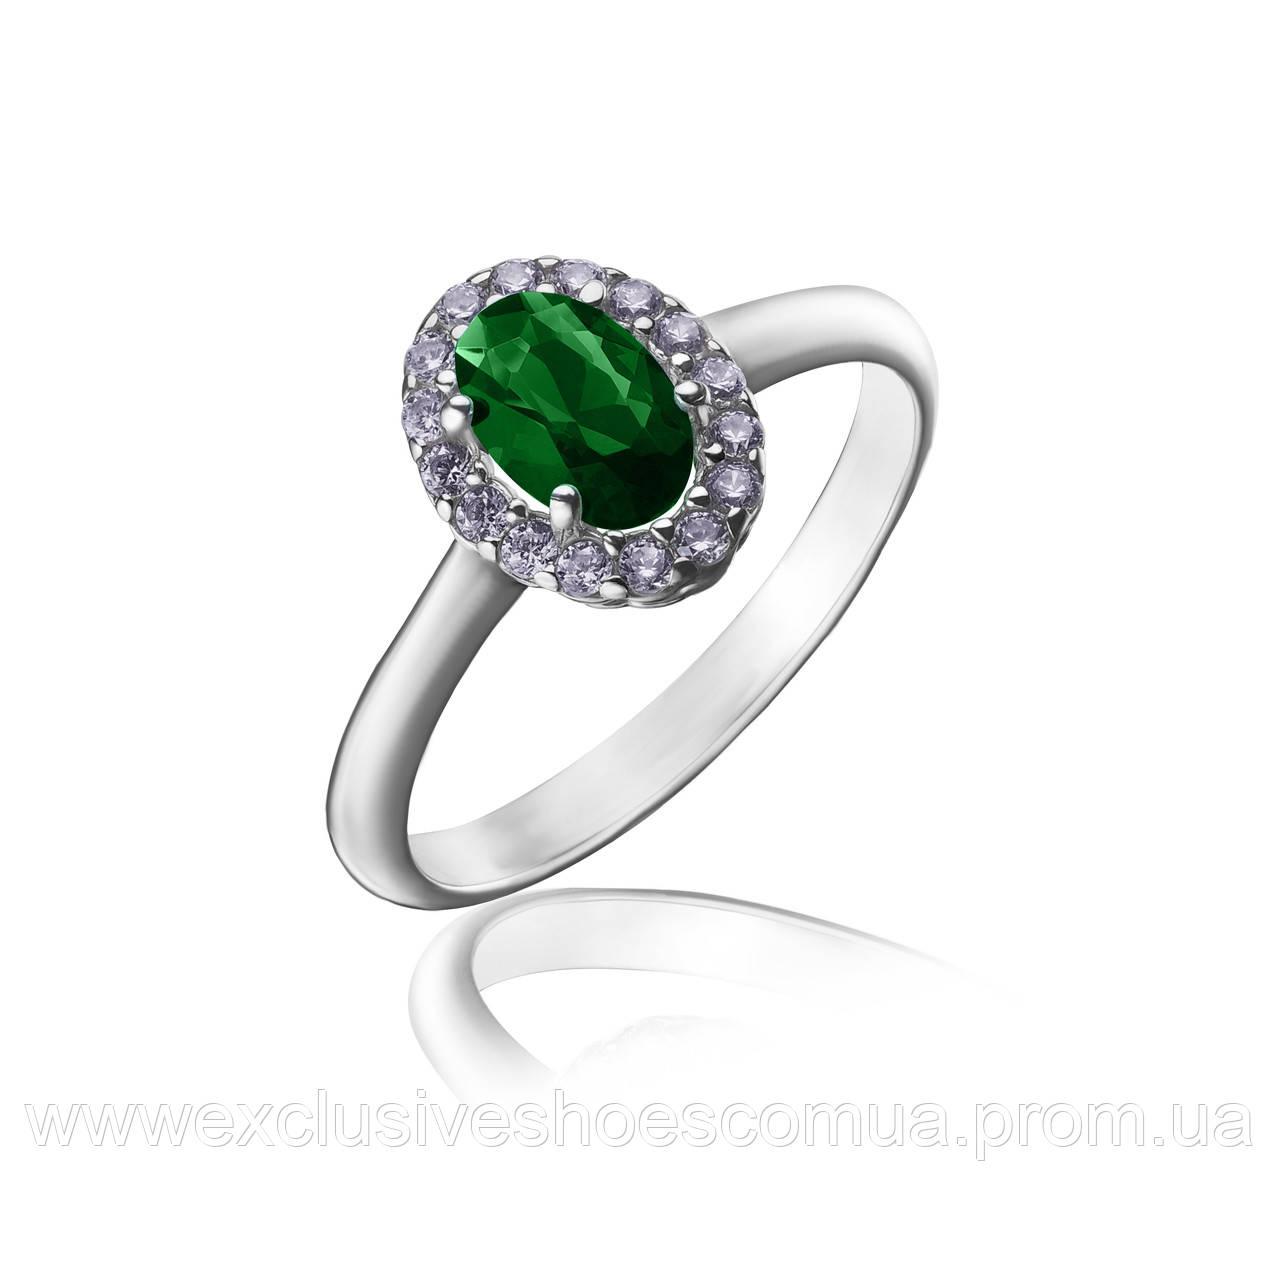 """Серебряное кольцо """"Лили"""" с овальным изумрудом и фианитами, арт-910052из"""